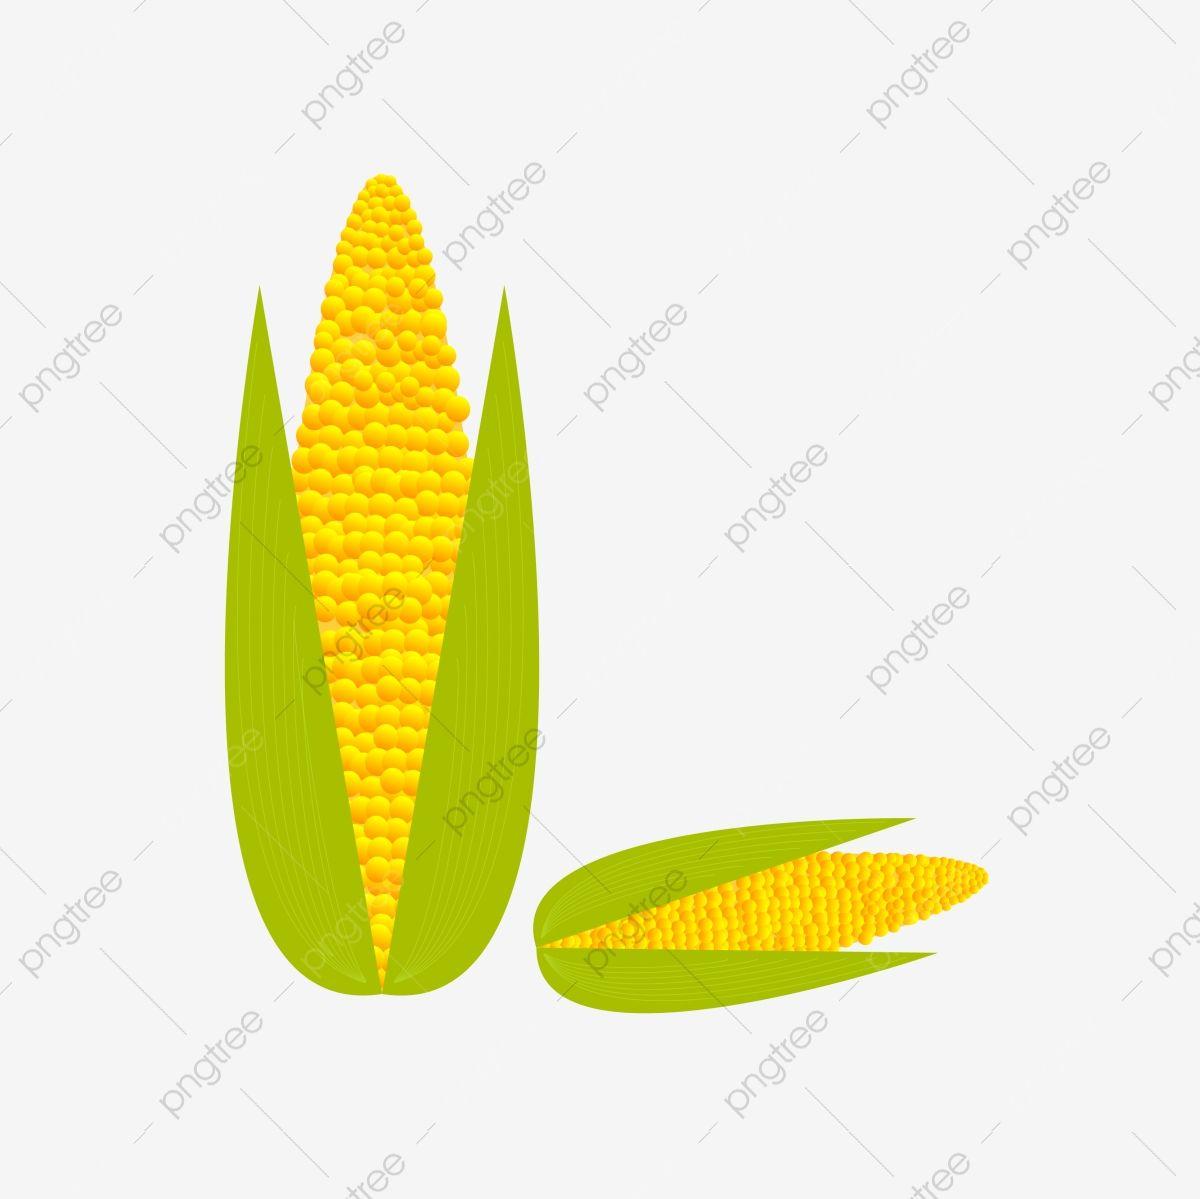 Los Cultivos De Maiz Fresco De Dibujos Animados Dibujos Animados Fresco Maiz Png Y Vector Para Descargar Gratis Pngtree Maiz Dibujo Maiz Dibujos